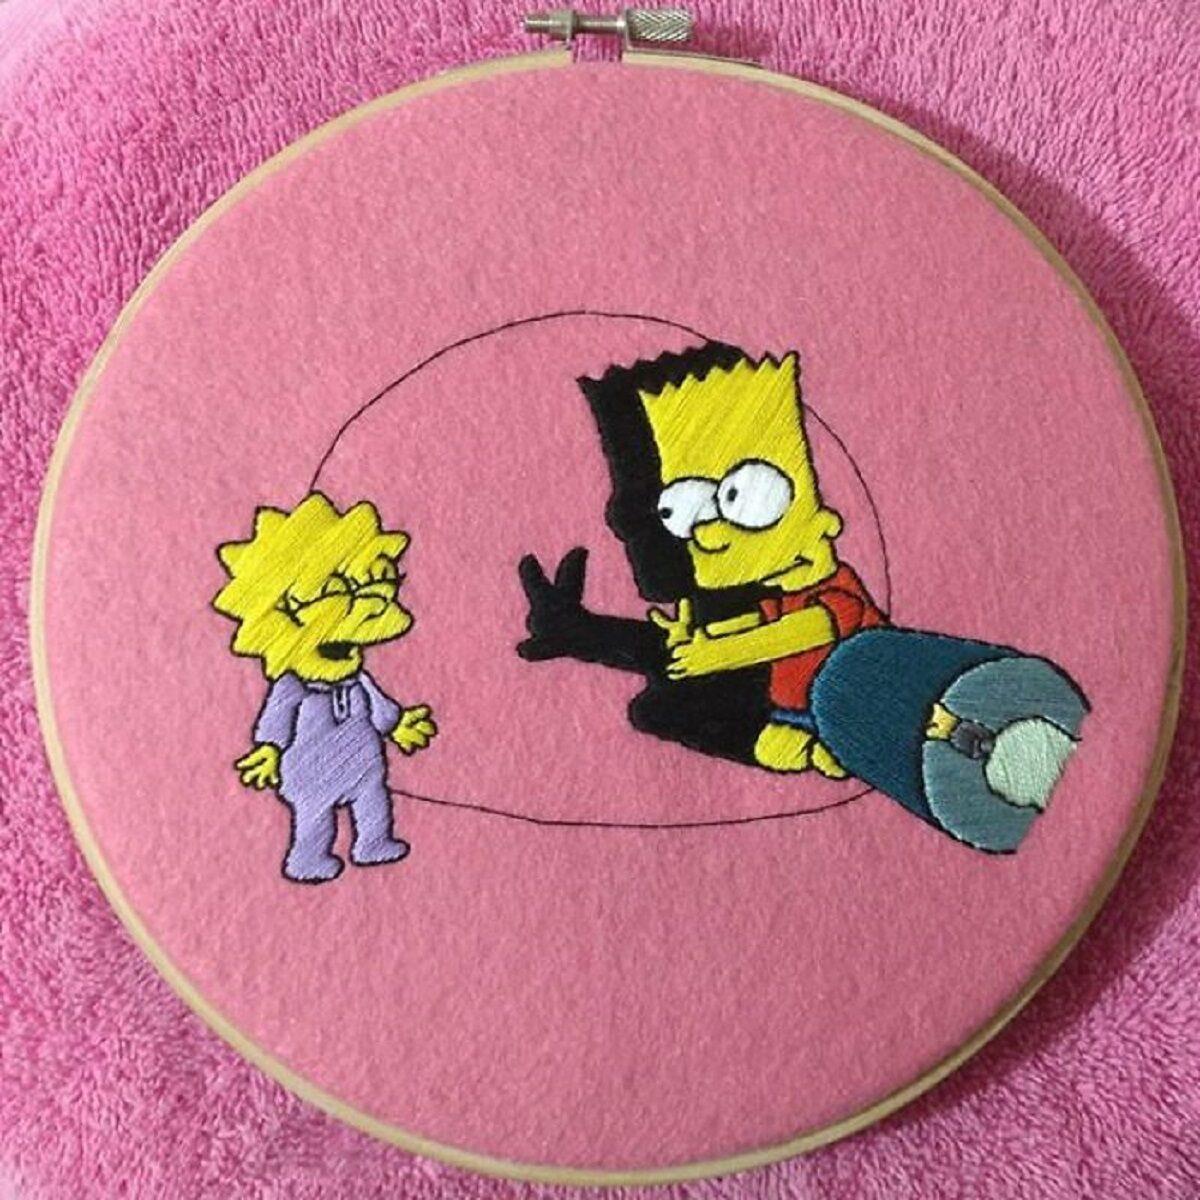 Artista Gabriela Martinez cria bordados de cenas de Os Simpsons 4